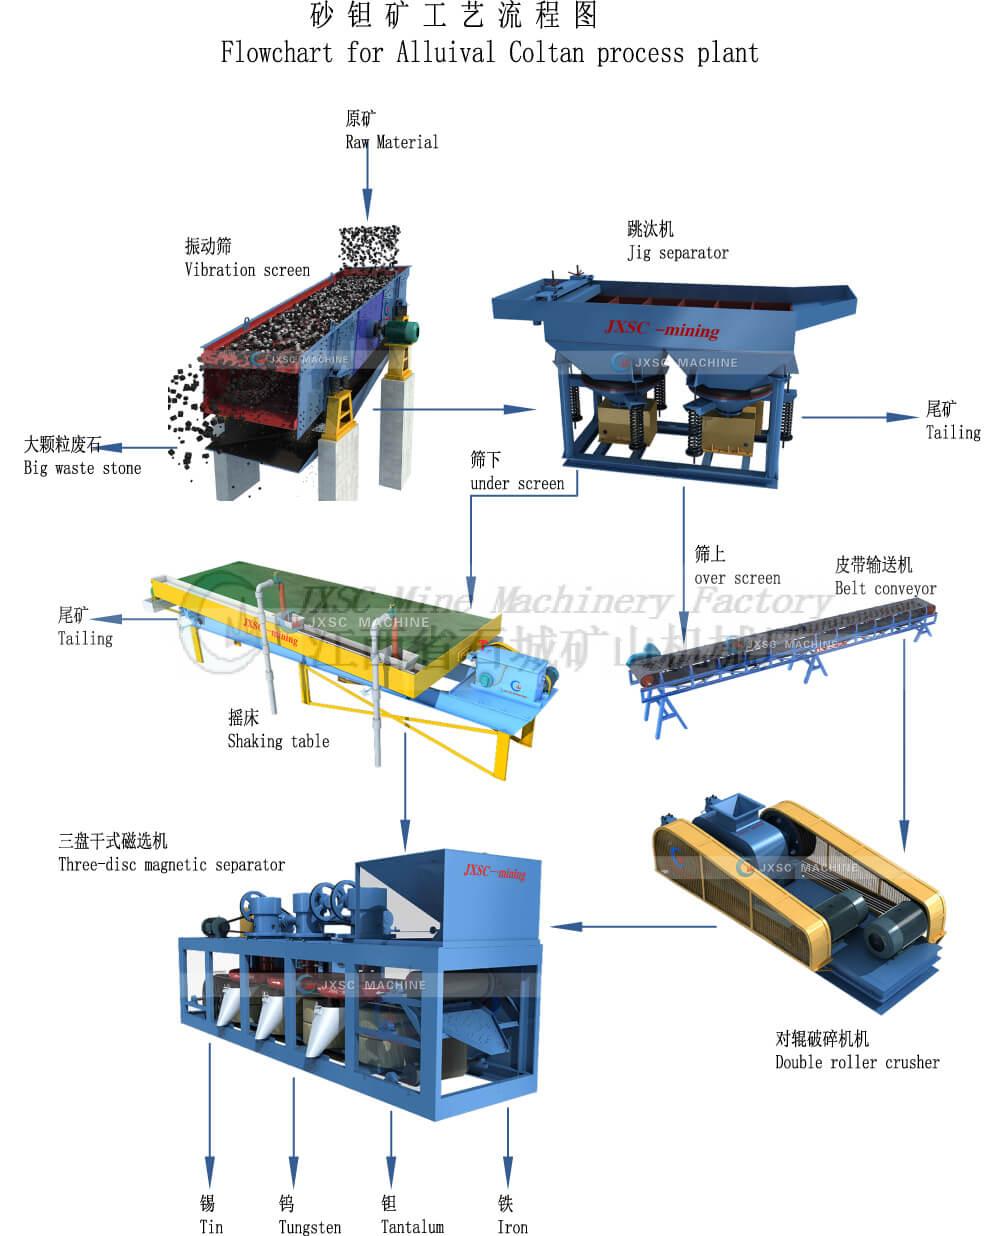 Alluival-coltan-process-plant